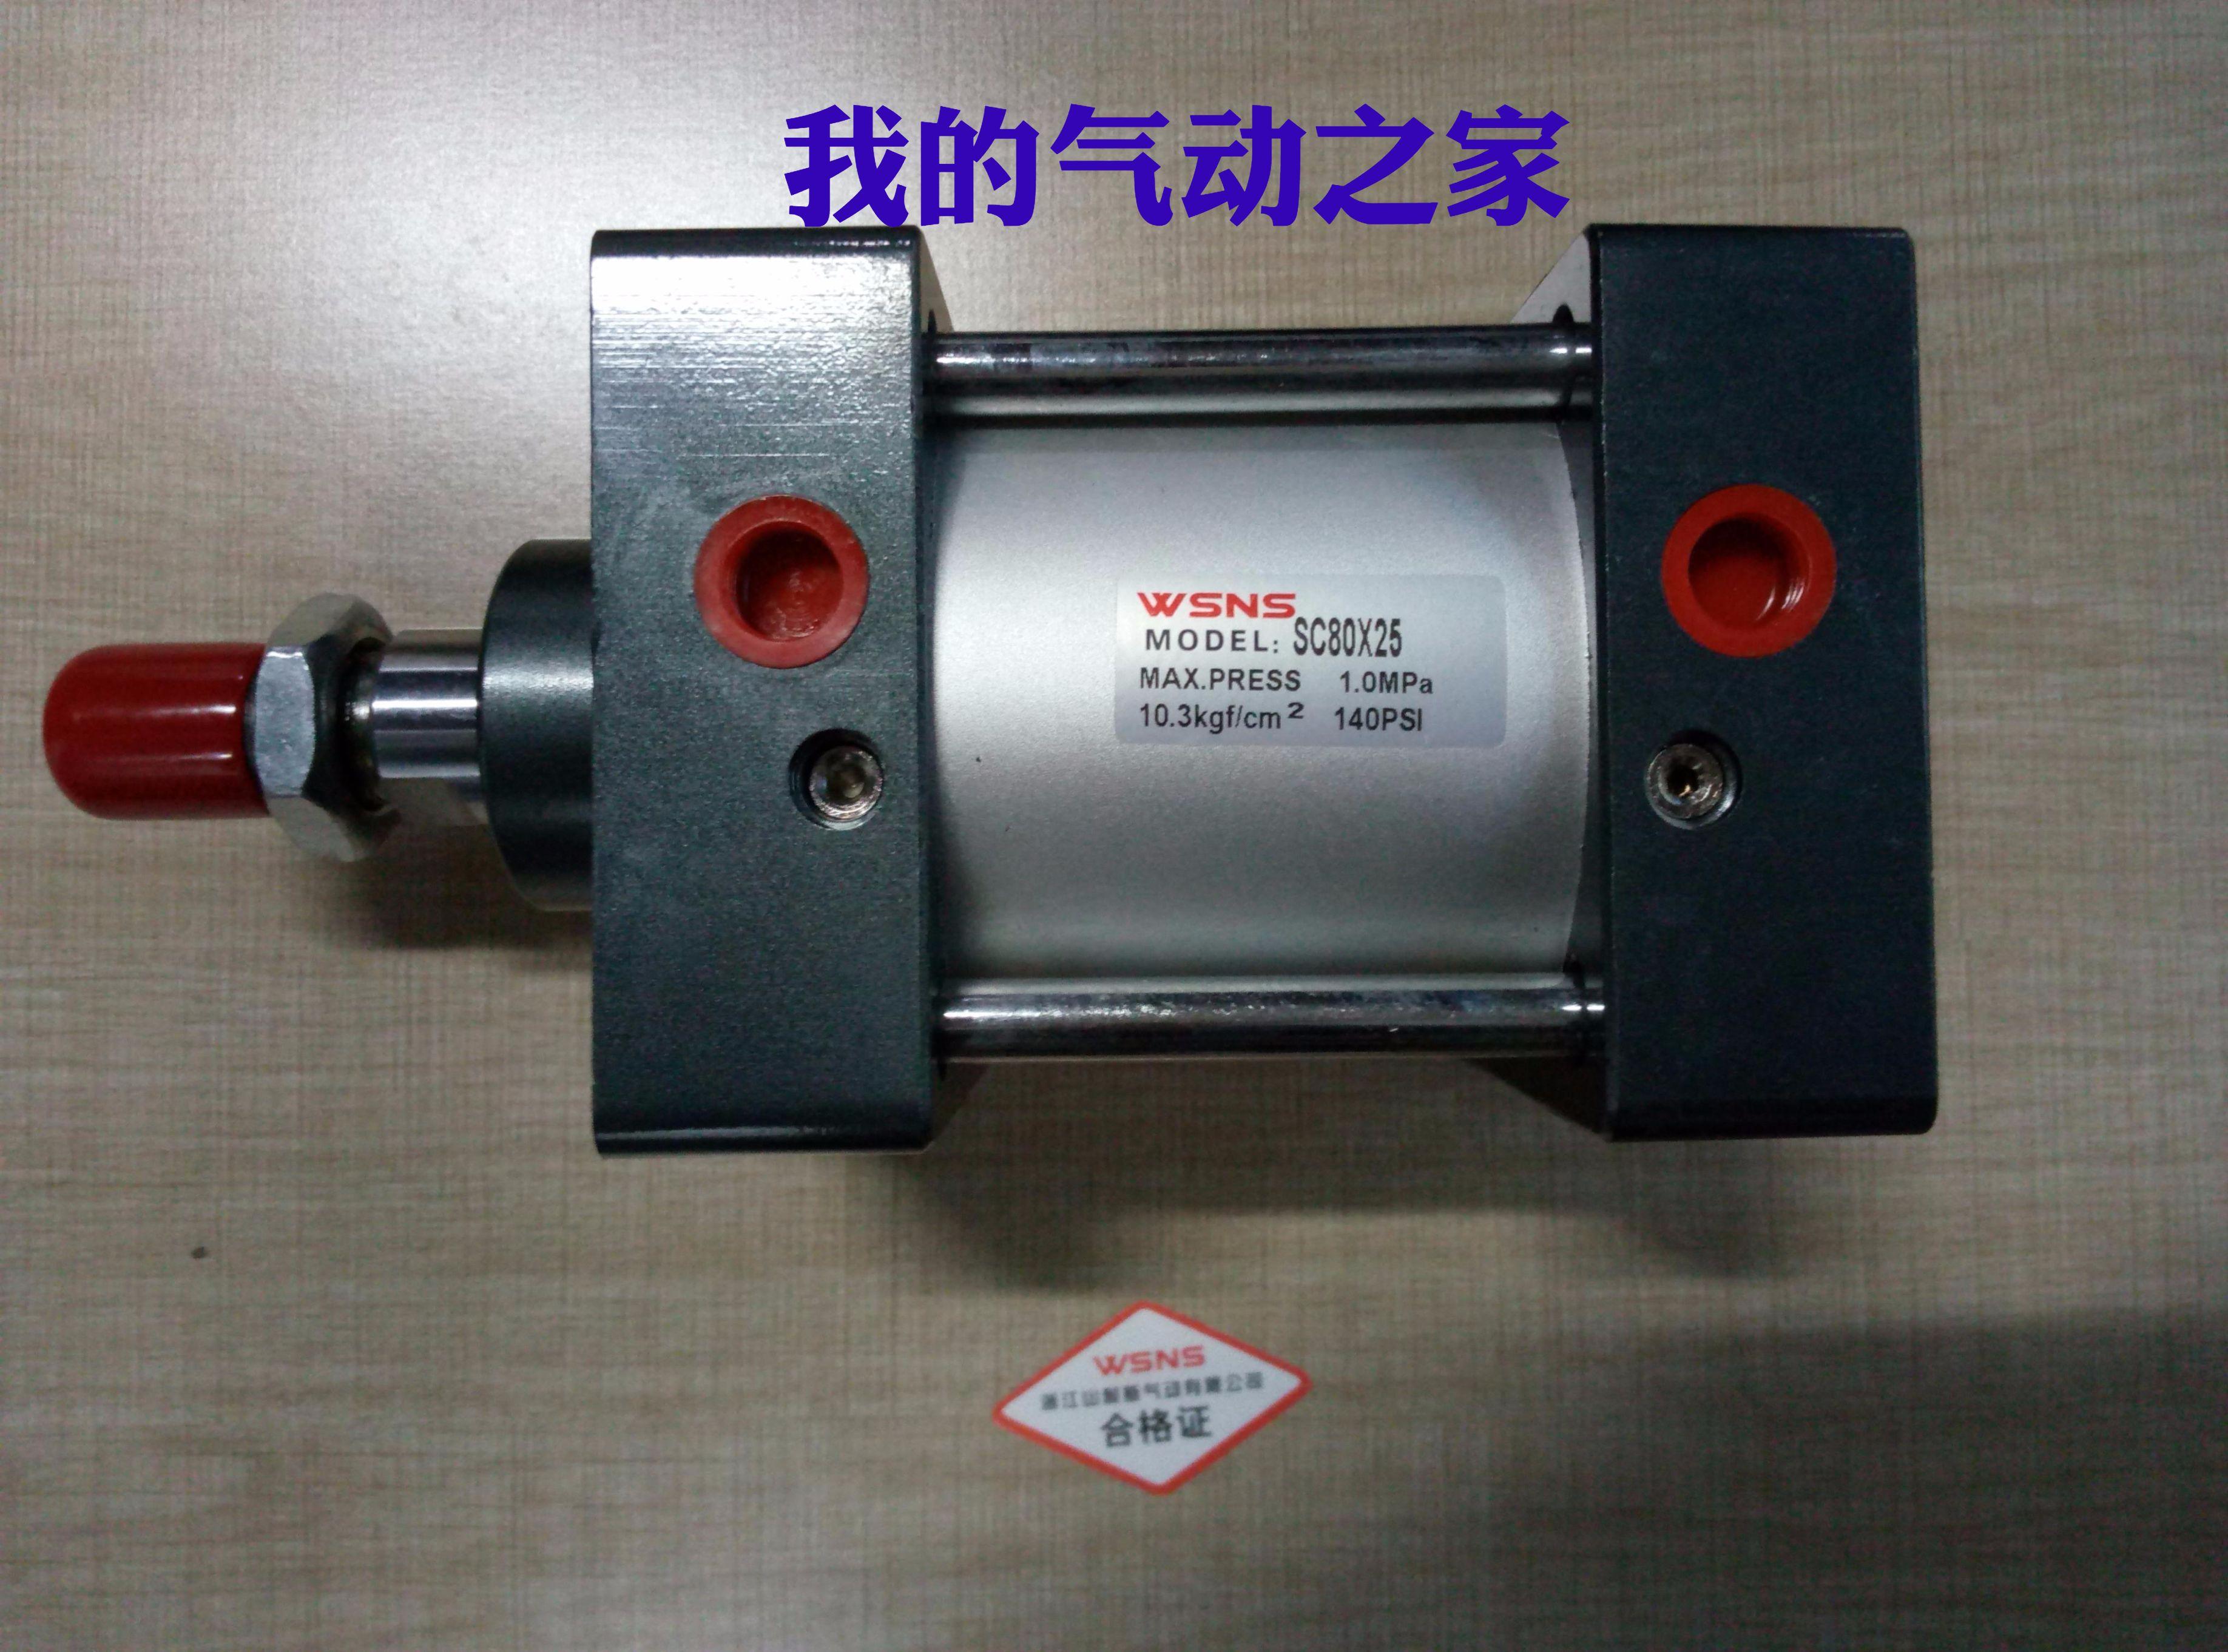 WSNS浙江山耐斯正品气动亚德客型铝合金标准气缸 SC80×25